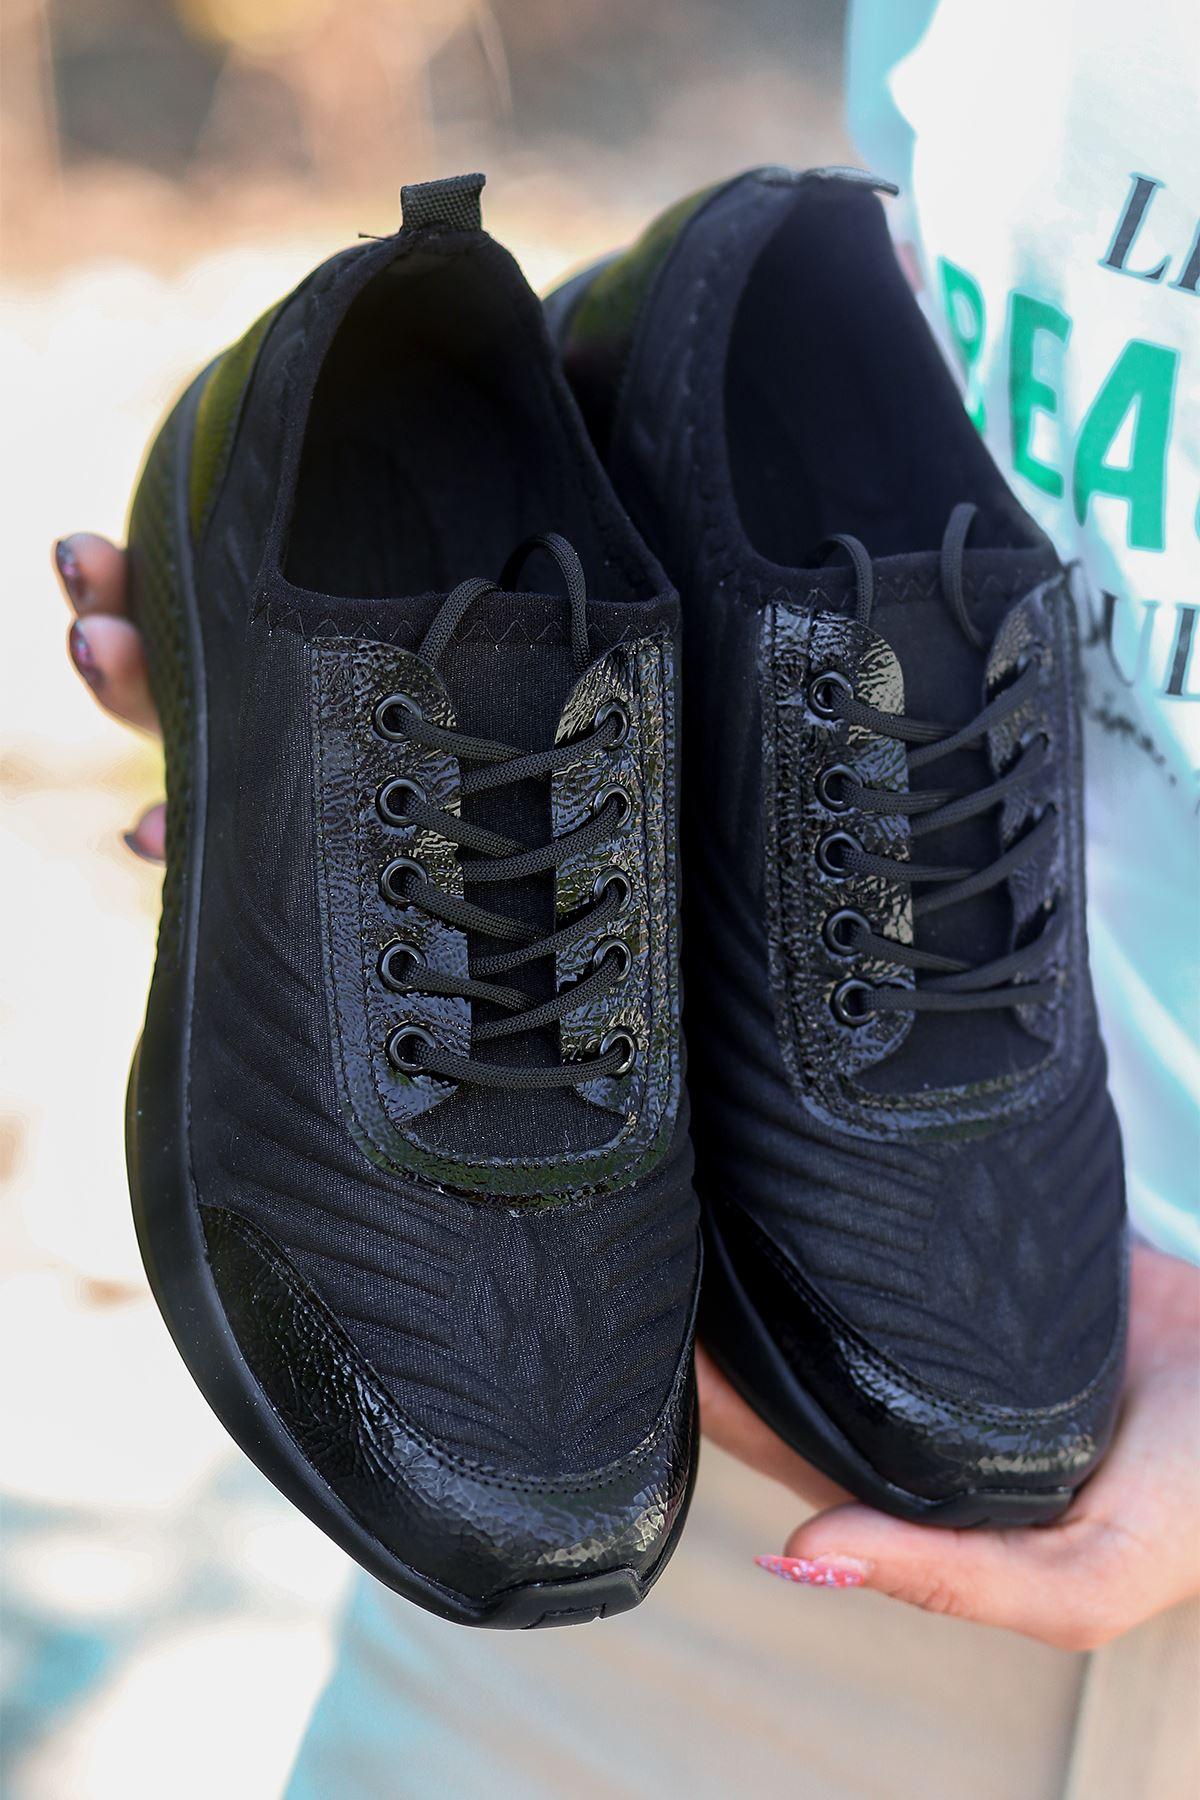 Otuzbes 2022 Kabartma Baskılı Günlük Spor Siyah Kadın Spor Ayakkabı